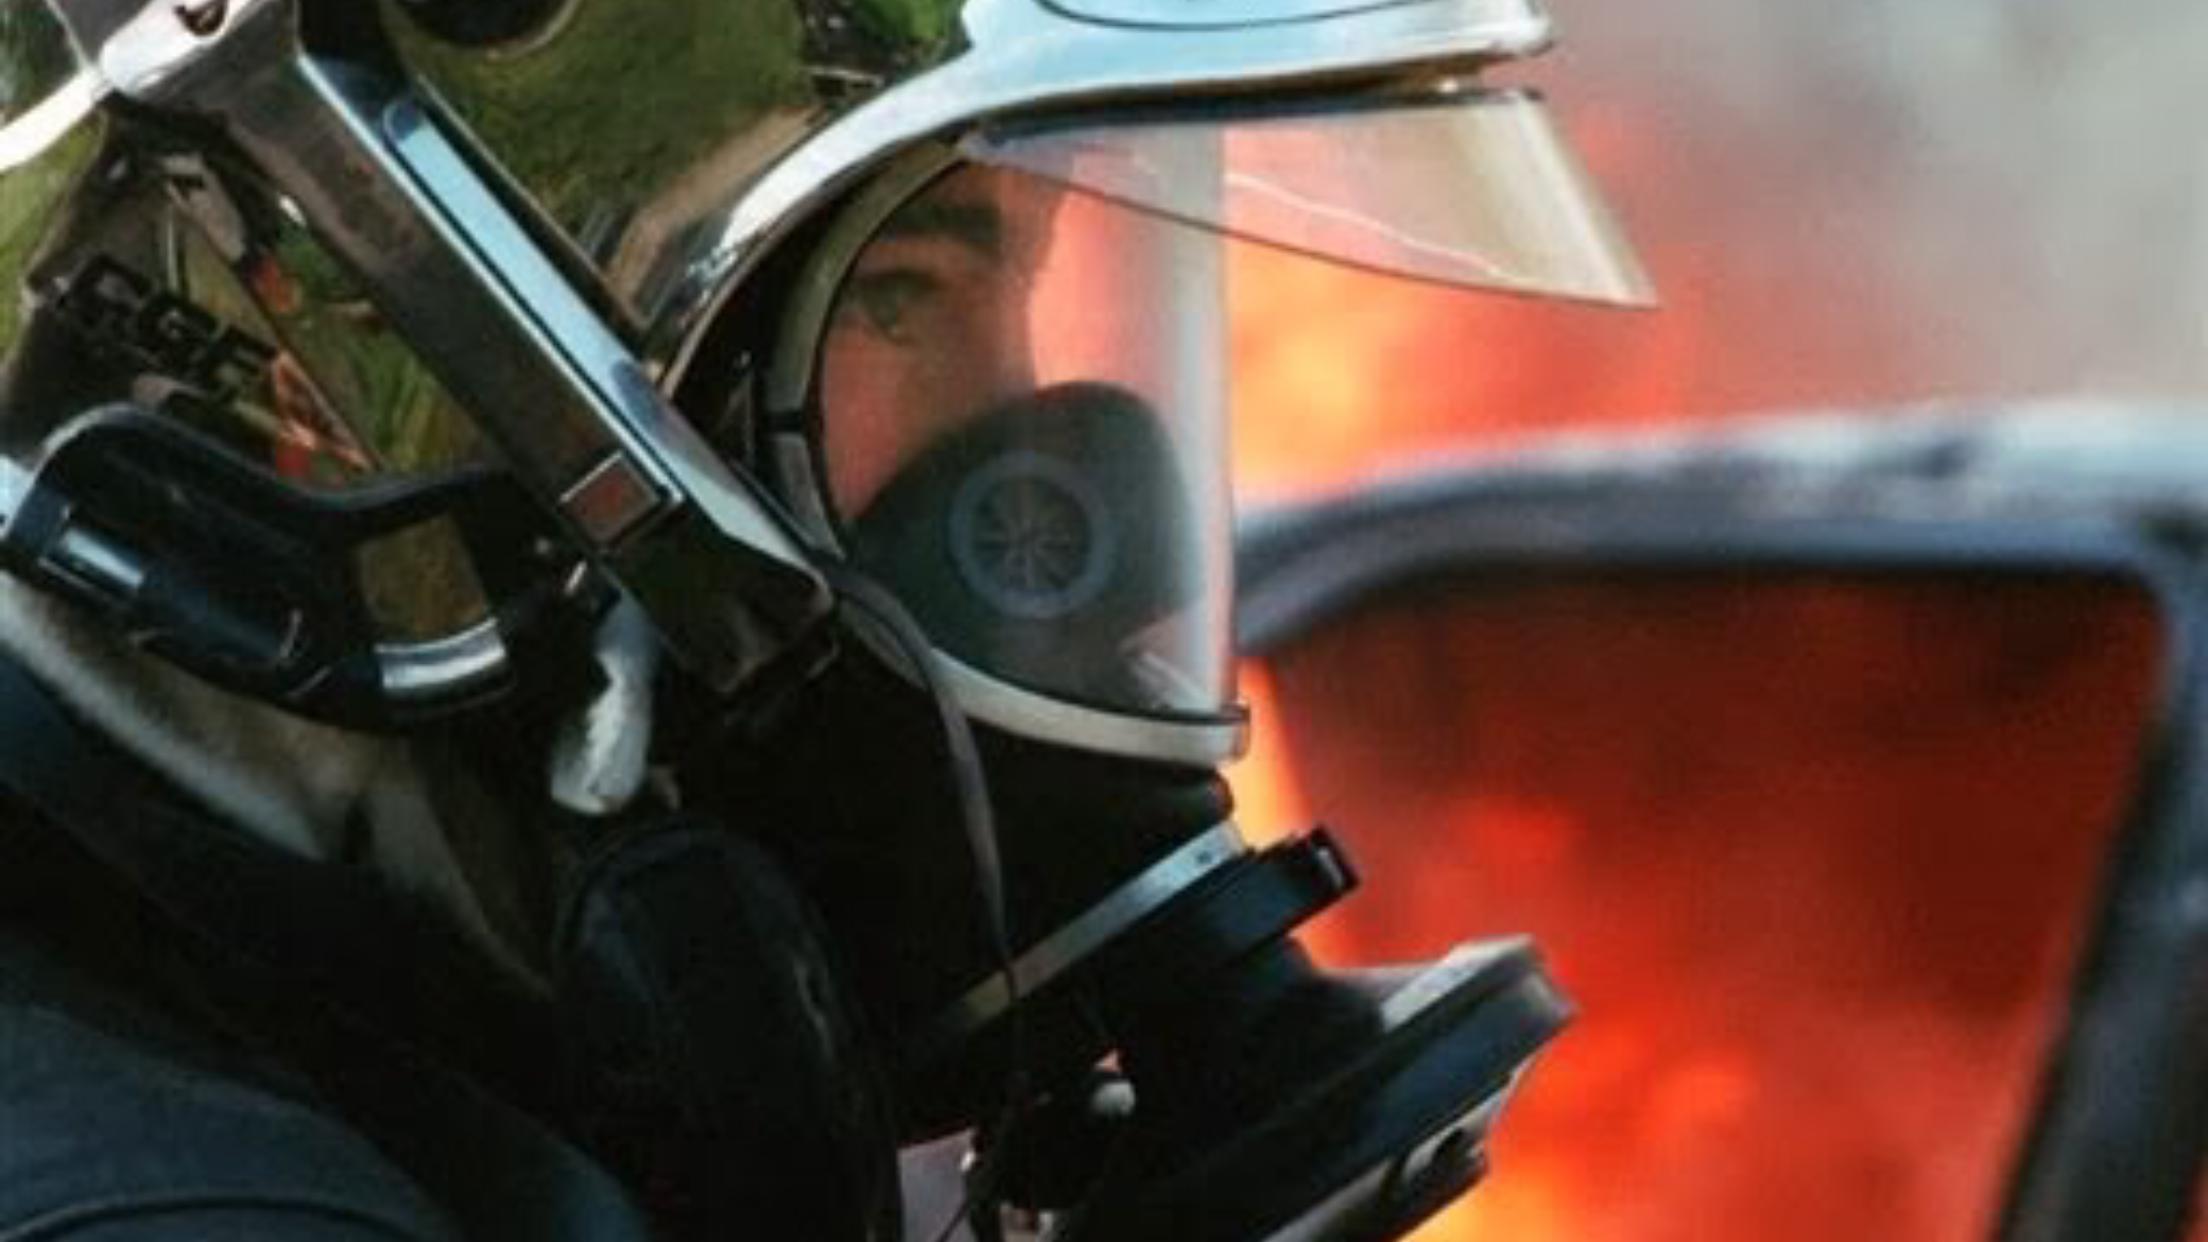 Yvelines : un entrepôt de 600 m2 détruit par un incendie criminel hier soir à Limay